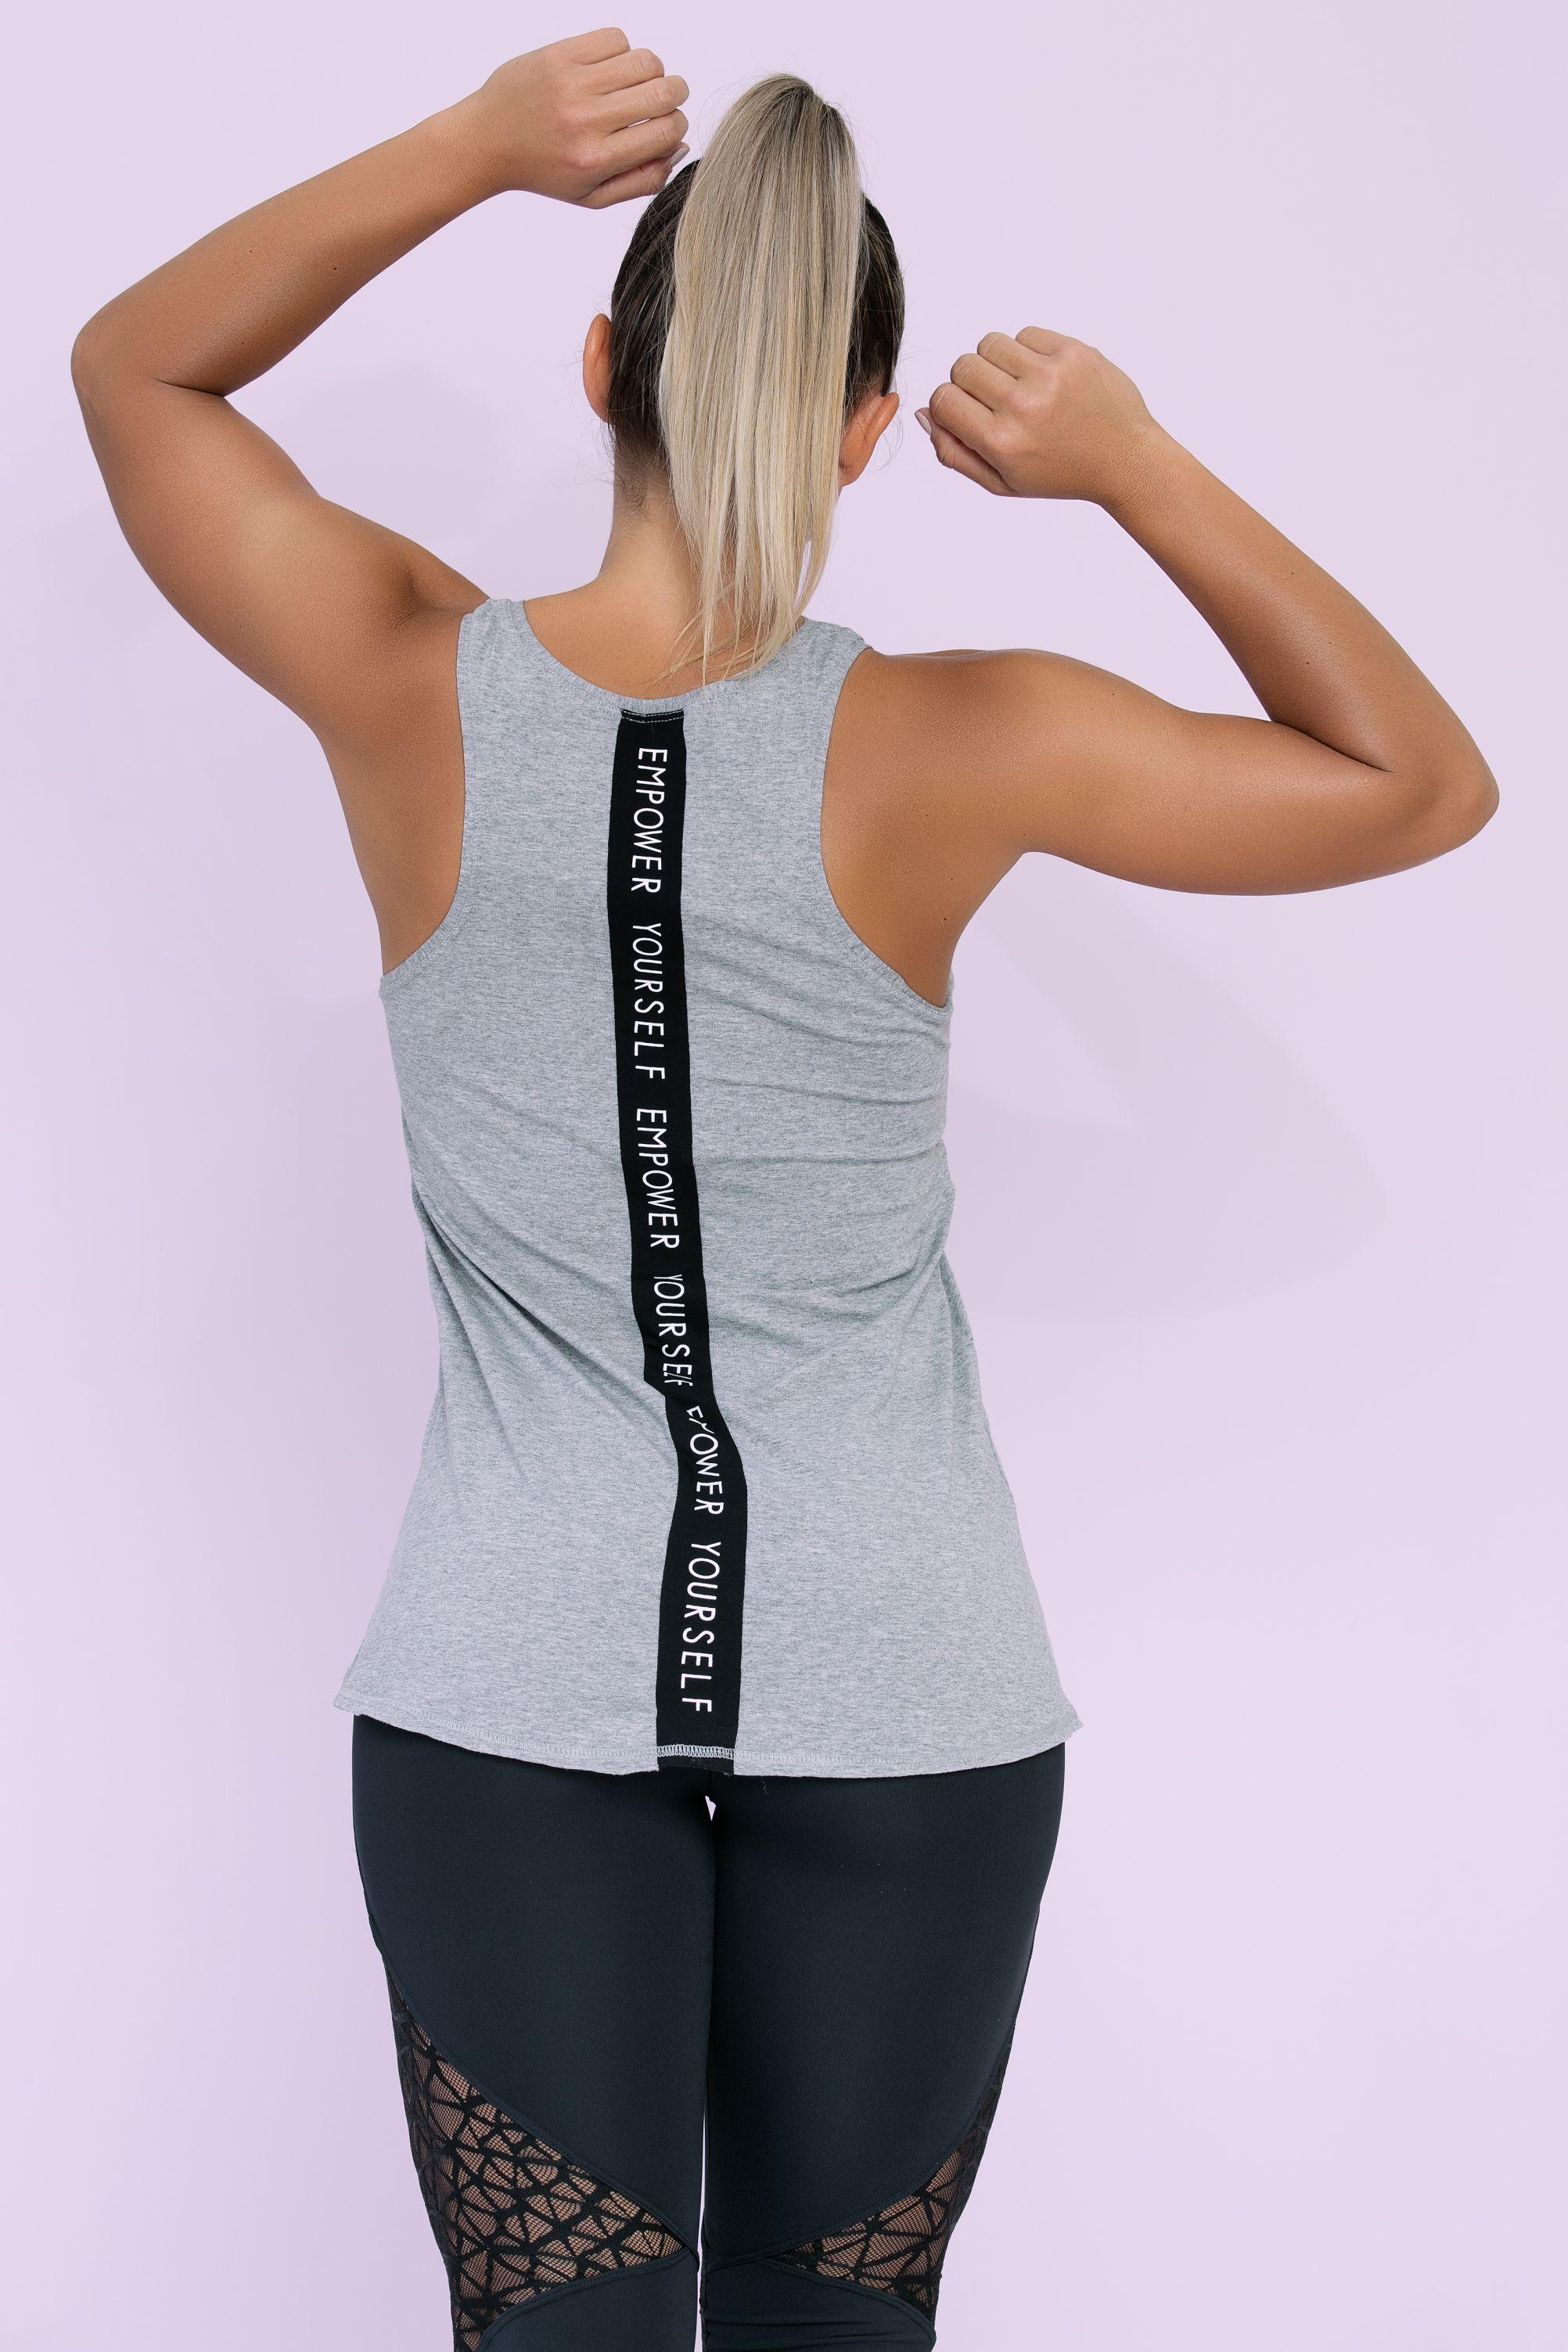 Regata Mullet com Faixa nas Costas - Donna Carioca - Moda fitness com preço  de fábrica b5433eecbfb